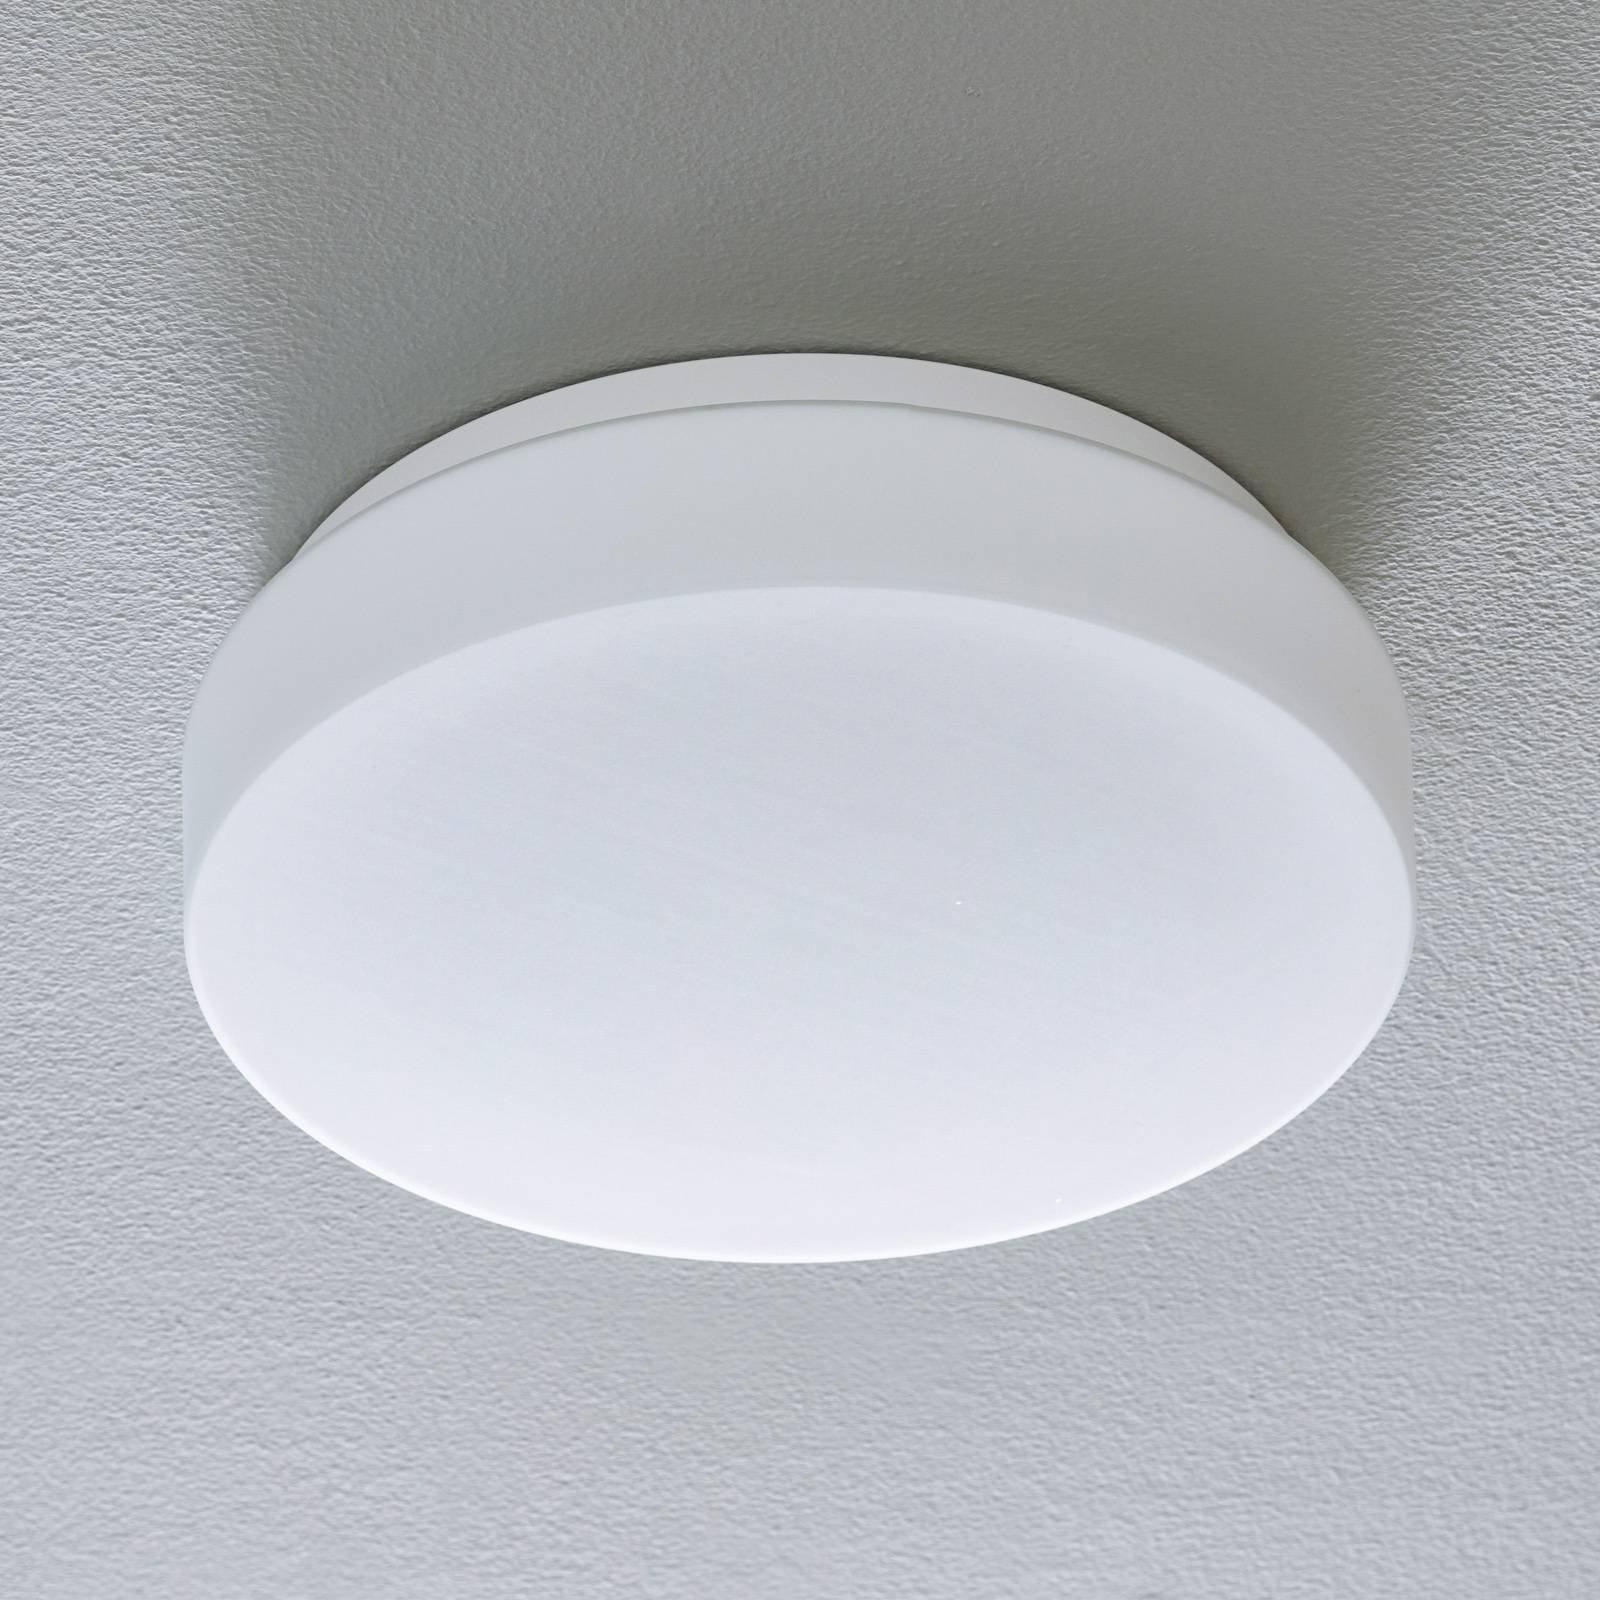 BEGA 50079 LED-taklampe DALI 4 000 K Ø34cm